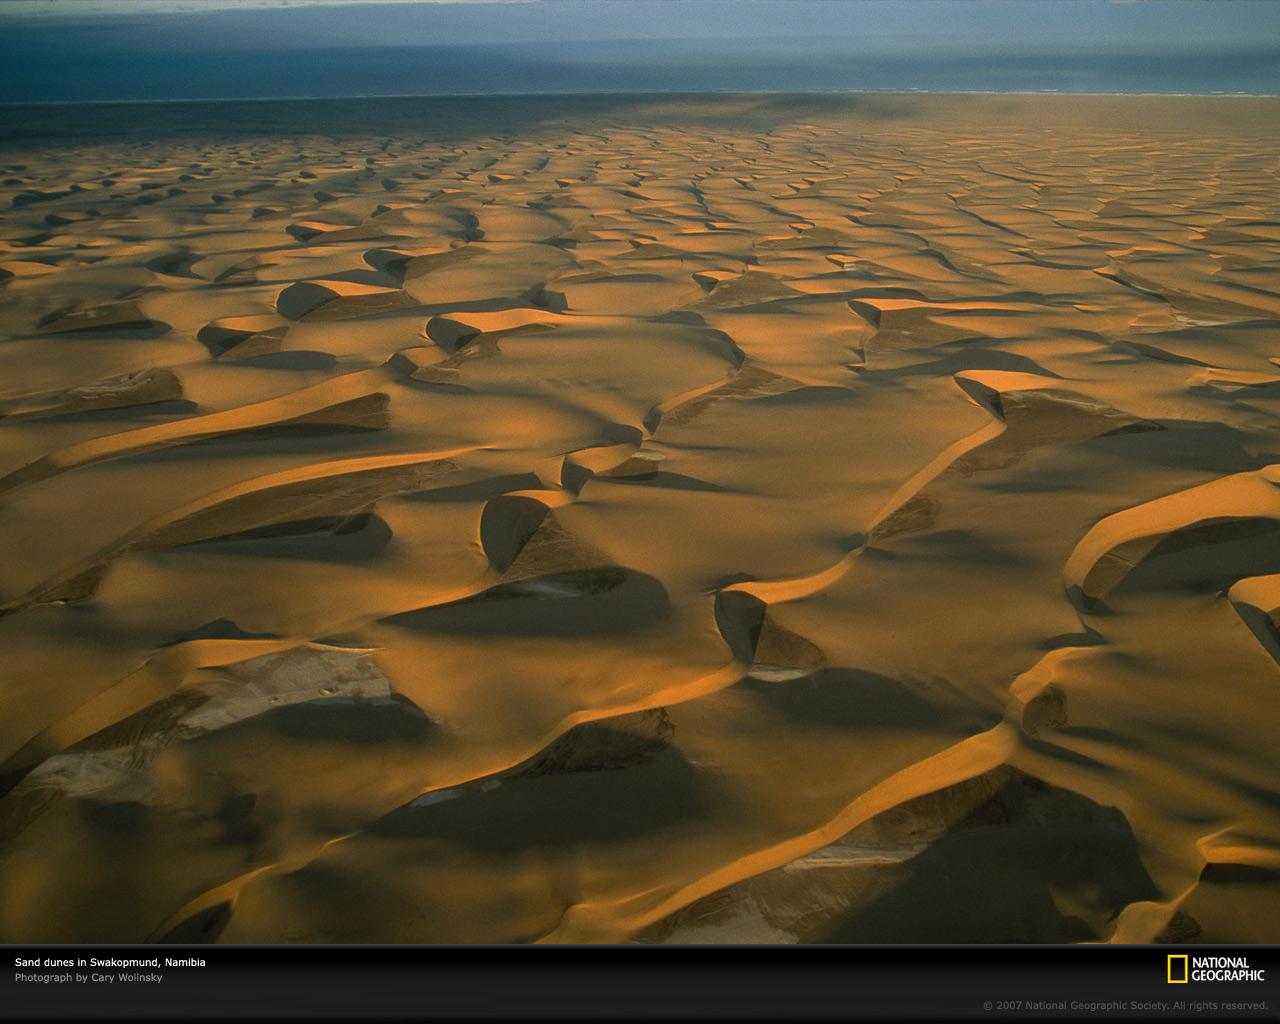 swakopmund-dunes-namibia-694720-xl.jpg